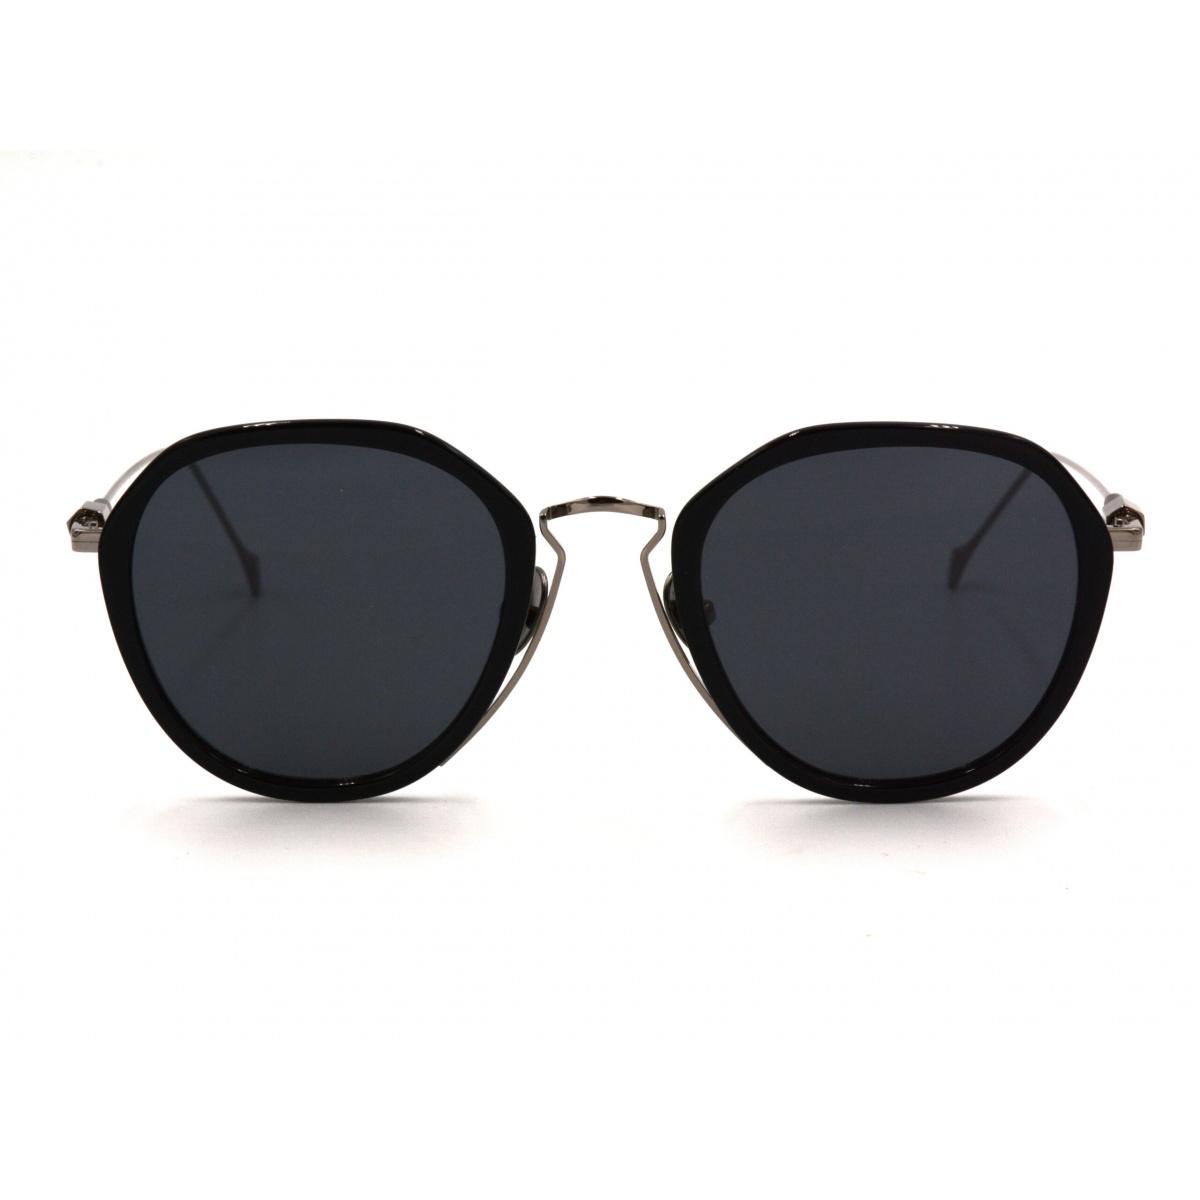 Γυαλιά ηλίου HAZE COLLECTION NEW YORK MAISON-1BK 49-23-145